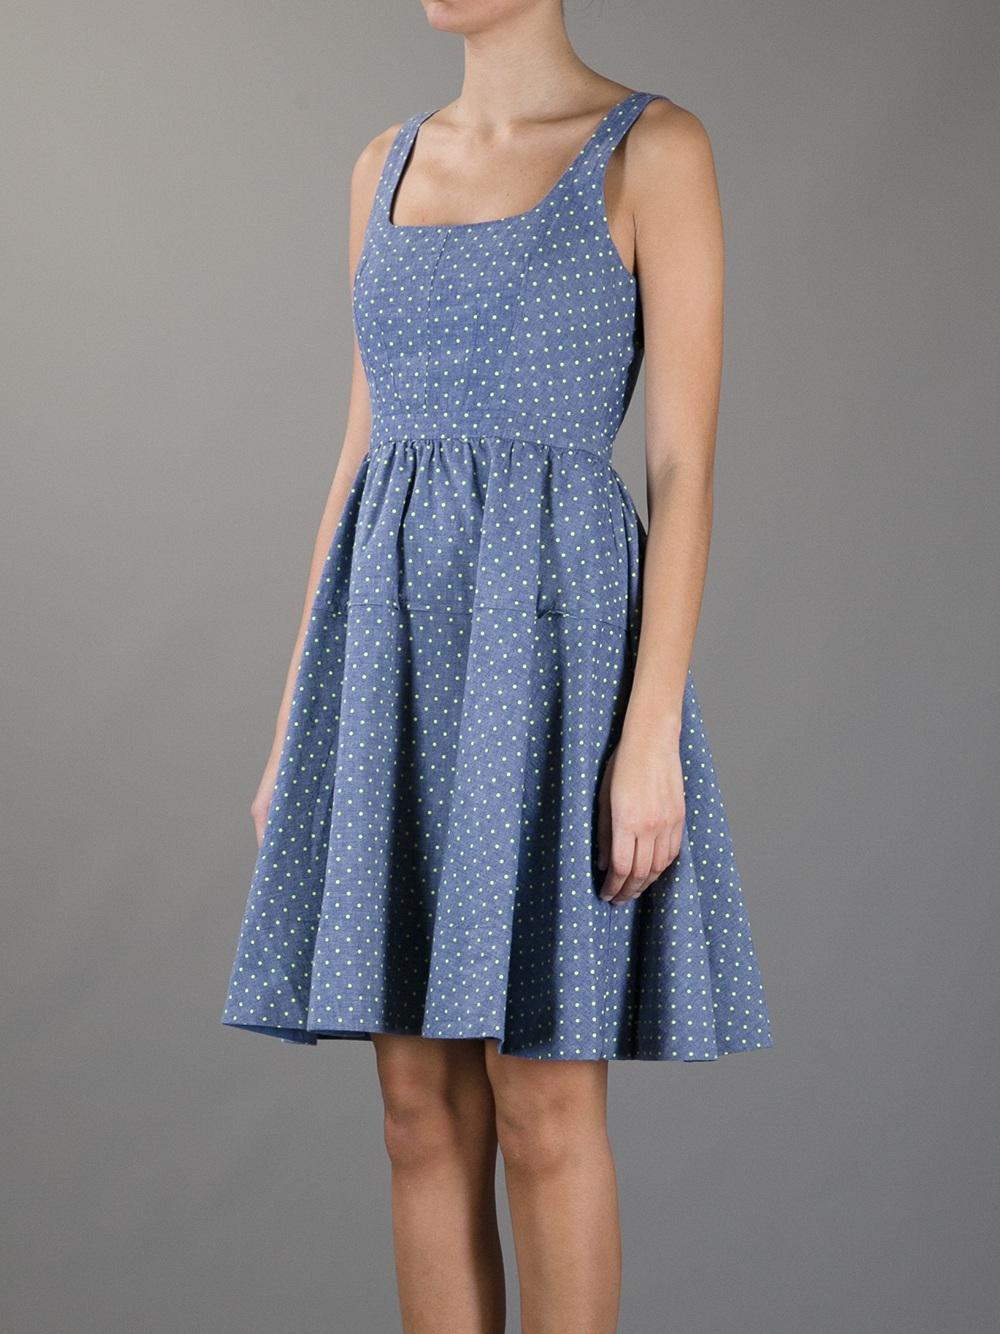 mbymj_dress